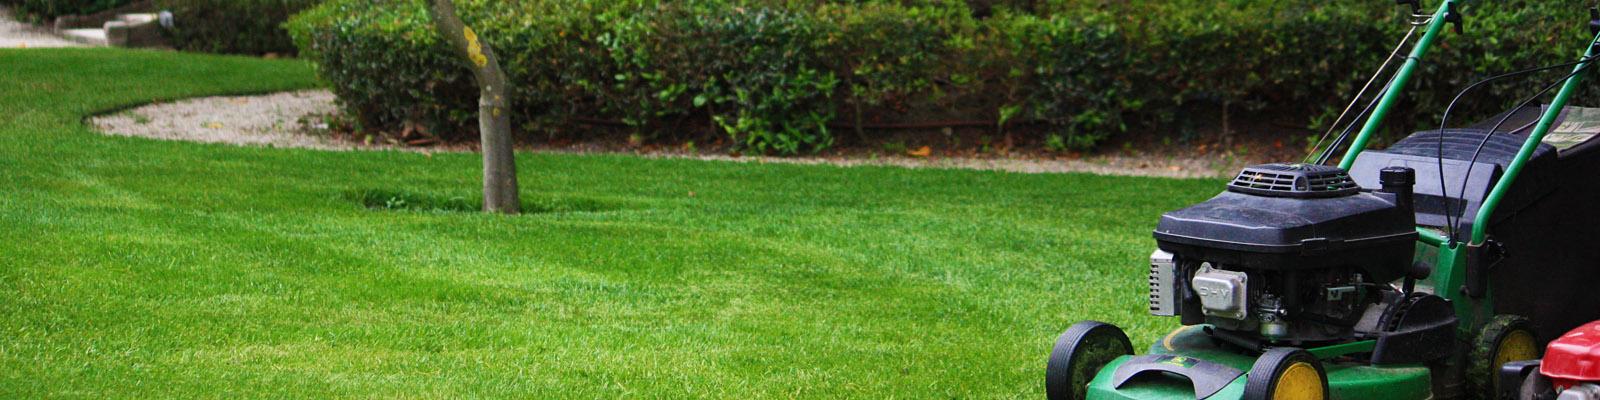 Green Parrot Gardens | Garden Maintenance